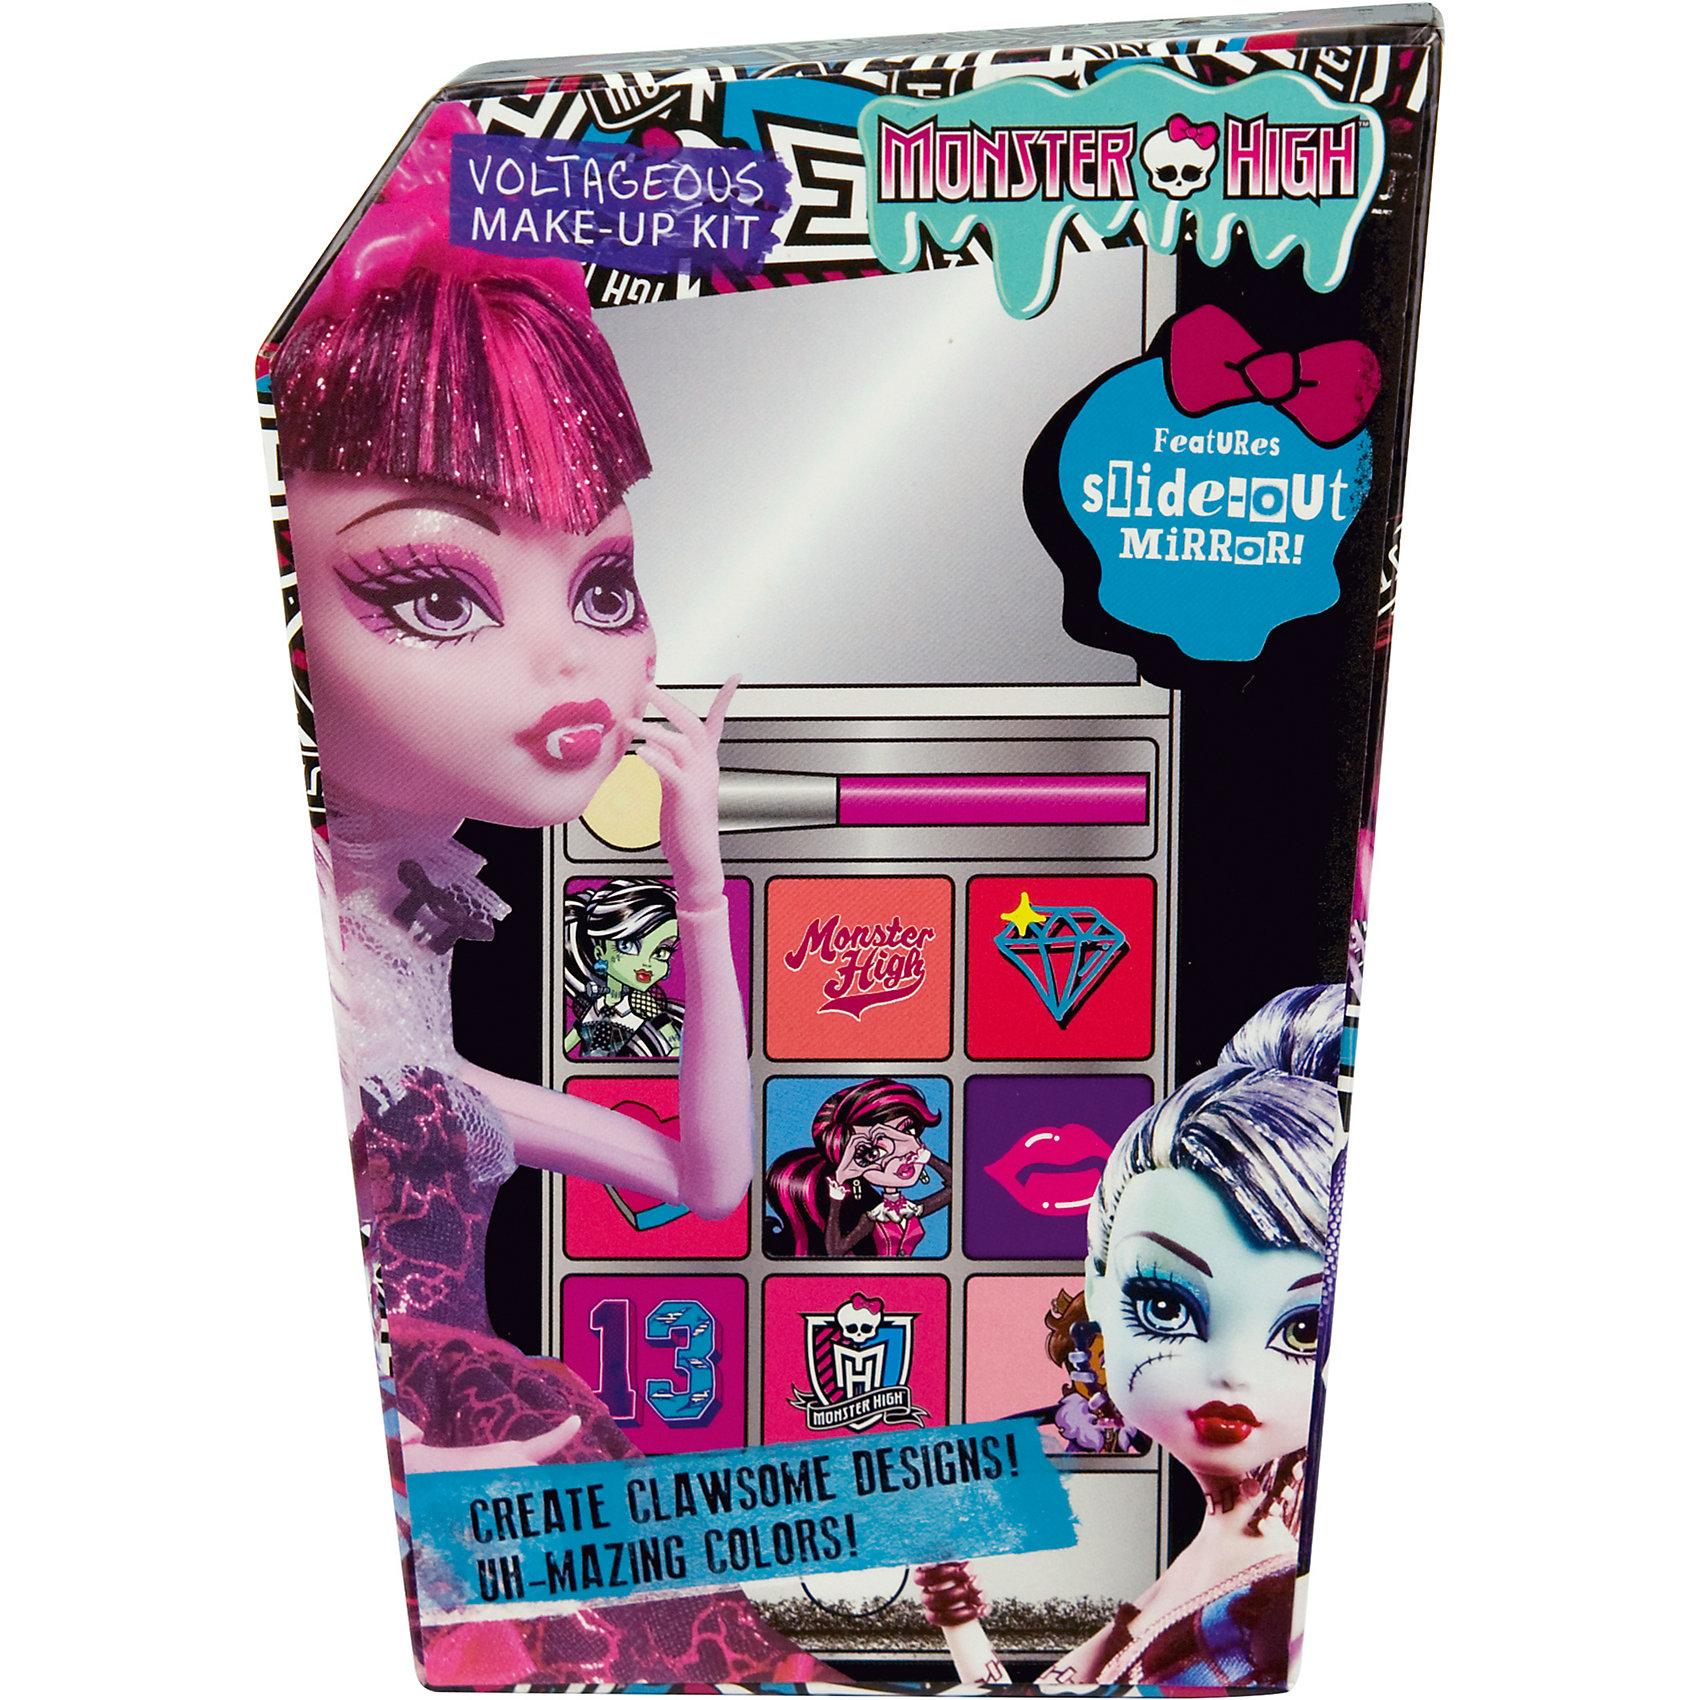 Набор детской косметики Monster High - iPhone 5Monster High<br>Характеристики:<br><br>• Наименование: детская декоративная косметика<br>• Предназначение: для сюжетно-ролевых игр<br>• Серия: Monster High<br>• Пол: для девочки<br>• Материал: натуральные косметические компоненты, пластик, картон<br>• Цвет: в ассортименте<br>• Комплектация: палитра кремовых теней из 9 оттенков, аппликатор, футляр в виде iPhone 5 с зеркальцем<br>• Размеры (Д*Ш*В): 16*12*5 см<br>• Вес: 135 г <br>• Упаковка: картонная коробка<br><br>Игровой набор детской декоративной косметики iPhone 5, Monster High – это набор игровой детской косметики от Markwins, которая вот уже несколько десятилетий специализируется на выпуске детской косметики. Рецептура декоративной детской косметики разработана совместно с косметологами и медиками, в основе рецептуры – водная основа, а потому она гипоаллергенны, не вызывает раздражений на детской коже и легко смывается, не оставляя следа. Безопасность продукции подтверждена международными сертификатами качества и безопасности. <br>Игровой набор детской декоративной косметики состоит из палитры теней для век кремовых оттенков и аппликатора для их нанесения. Косметические средства, входящие в состав набора, имеют длительный срок хранения – 12 месяцев. Набор выполнен в брендовом дизайне популярной серии Monster High, с футляром в виде имитации iPhone 5. Игровой набор детской декоративной косметики от Markwins может стать незаменимым праздничным подарком для любой маленькой модницы!<br><br>Игровой набор детской декоративной косметики iPhone 5, Monster High можно купить в нашем интернет-магазине.<br><br>Ширина мм: 110<br>Глубина мм: 150<br>Высота мм: 40<br>Вес г: 174<br>Возраст от месяцев: 48<br>Возраст до месяцев: 120<br>Пол: Женский<br>Возраст: Детский<br>SKU: 5124702